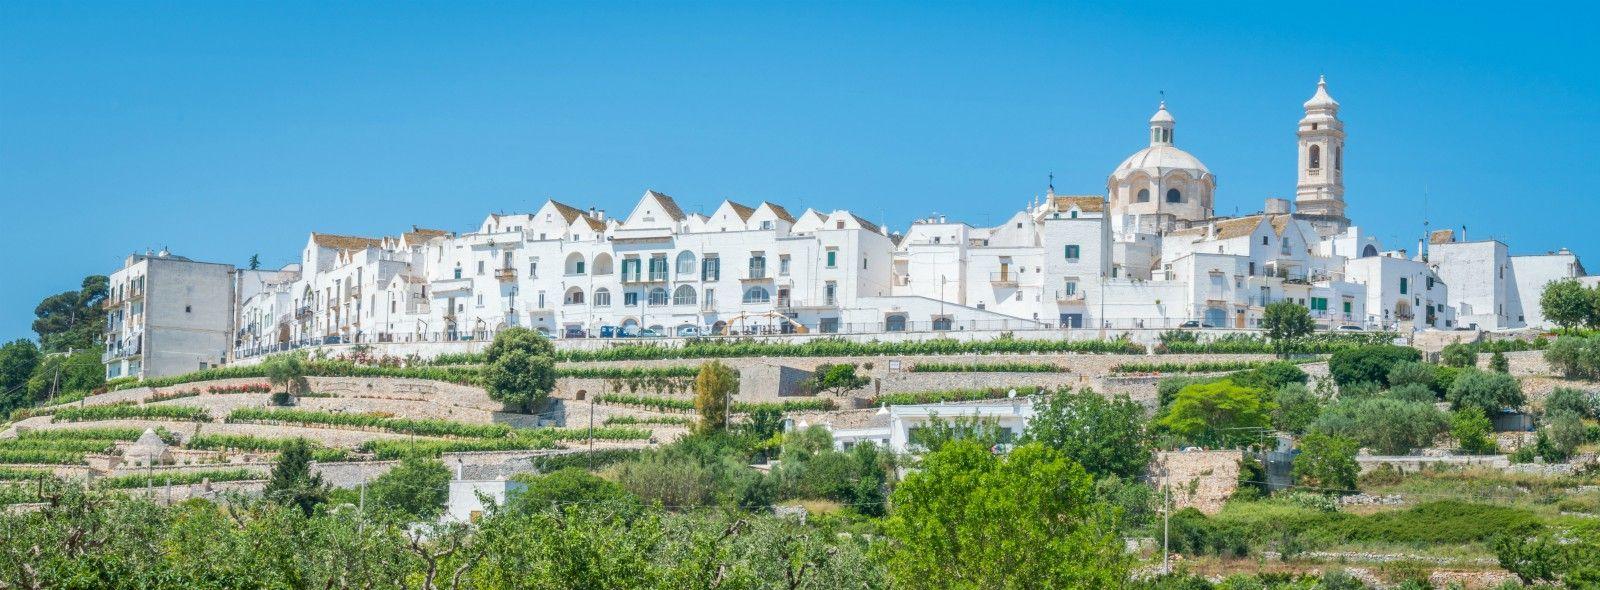 Locorotondo: cosa vedere in un week-end in Puglia